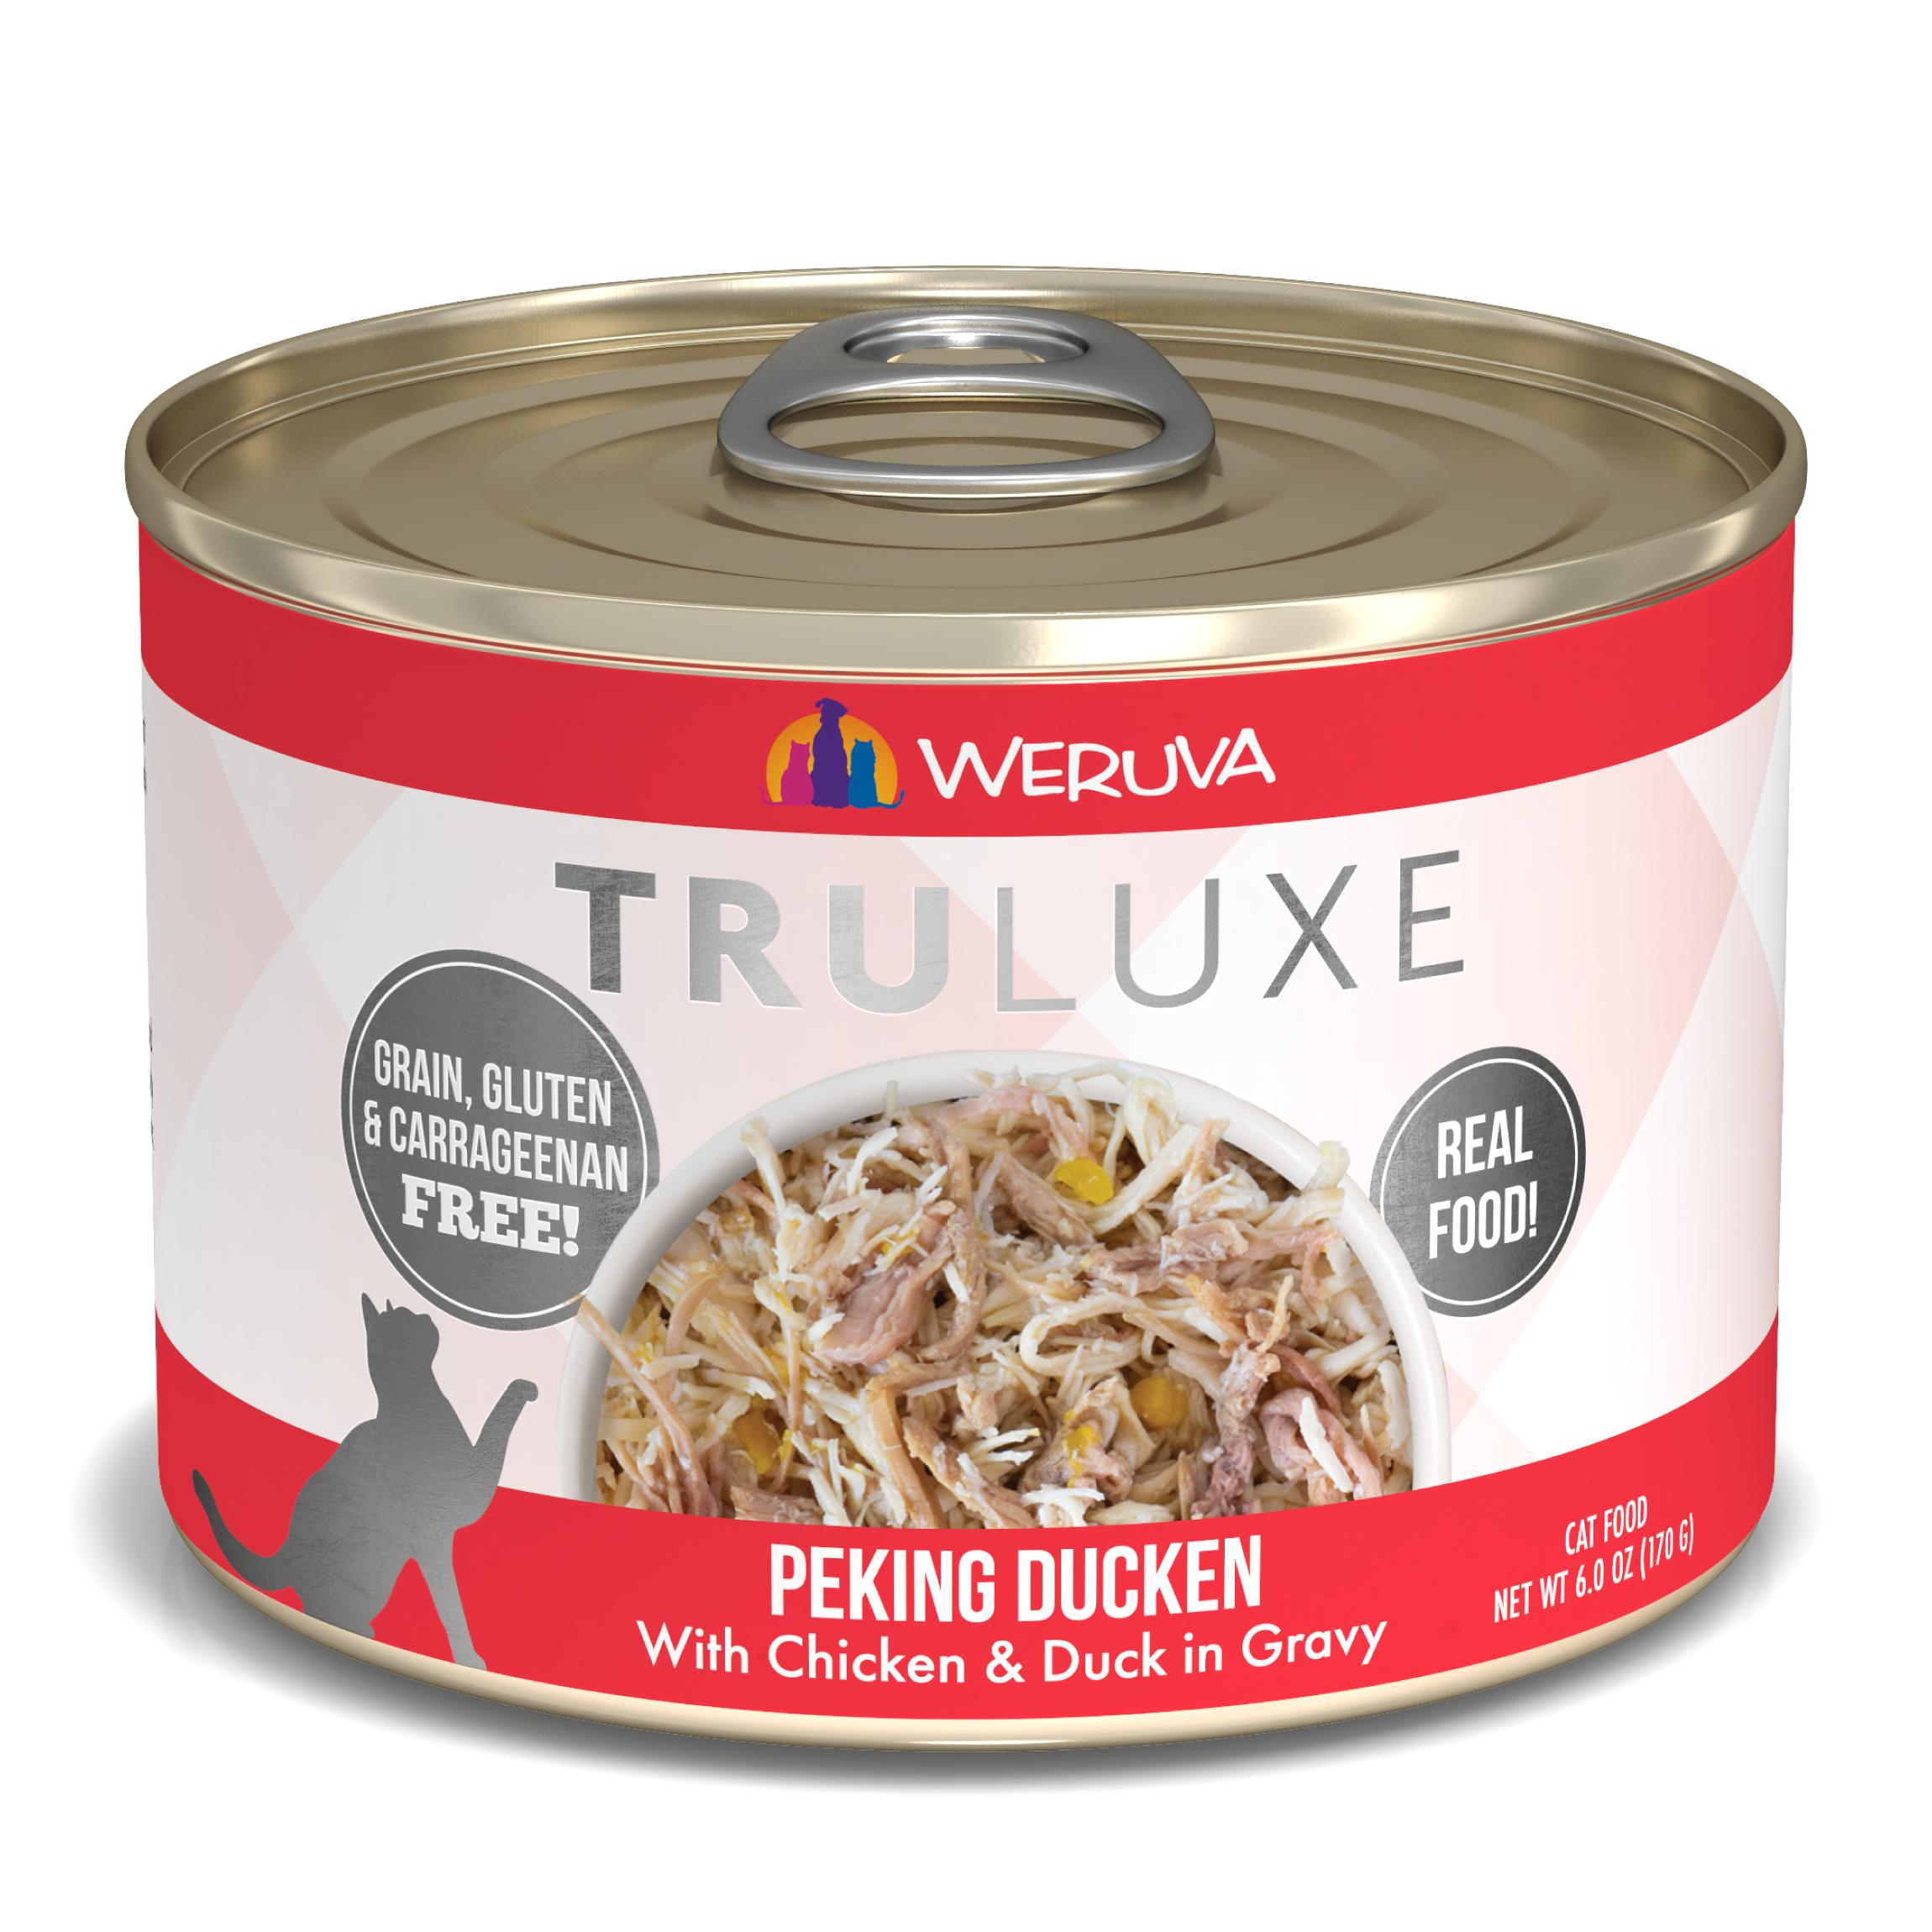 Weruva Cat Truluxe Peking Ducken with Chicken & Duck in Gravy Grain-Free Wet Cat Food, 6-oz